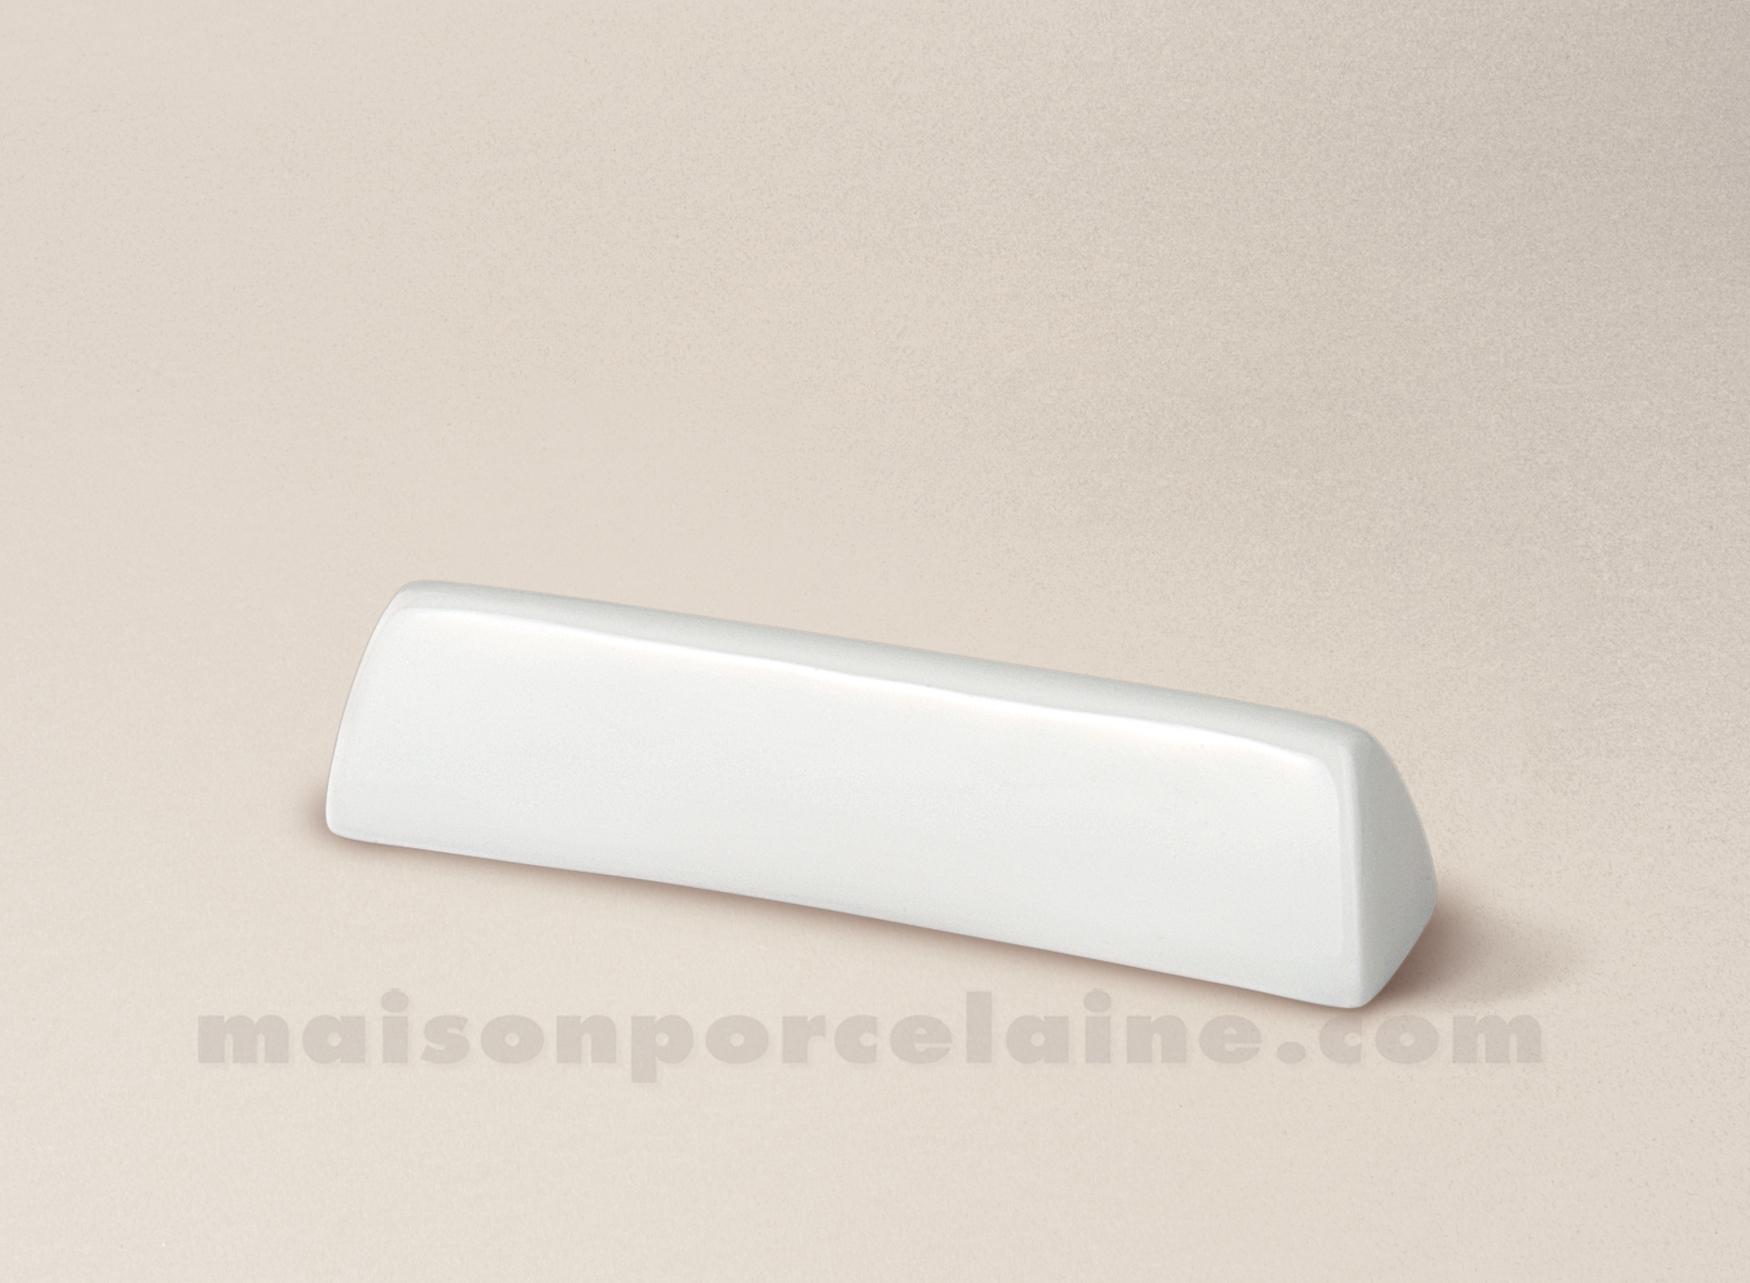 repose couteau porcelaine blanche limoges triangle 9x2 maison de la porcelaine. Black Bedroom Furniture Sets. Home Design Ideas